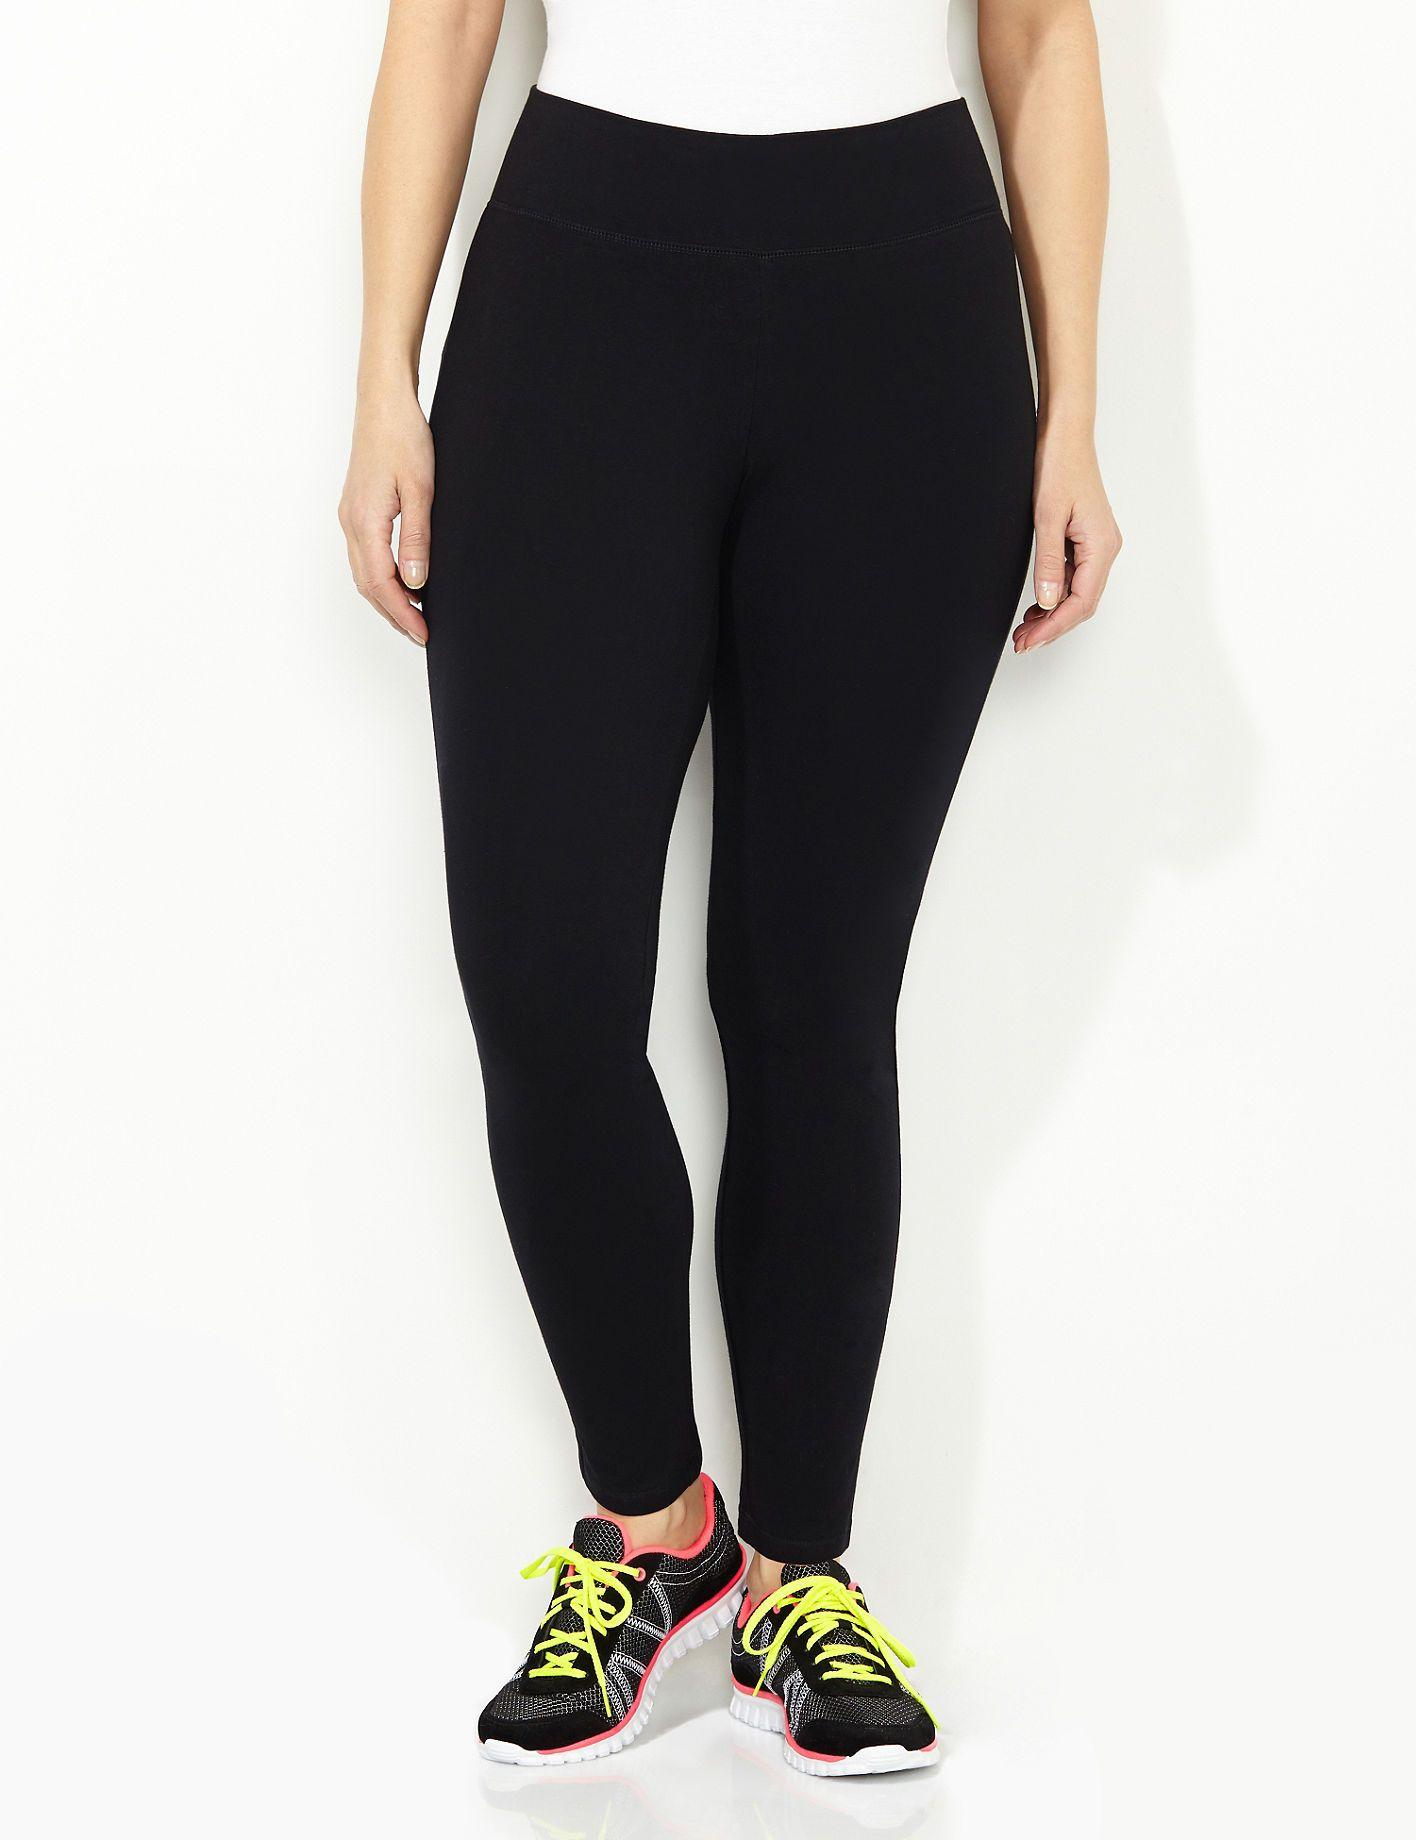 f6d92102f240b Yoga Legging